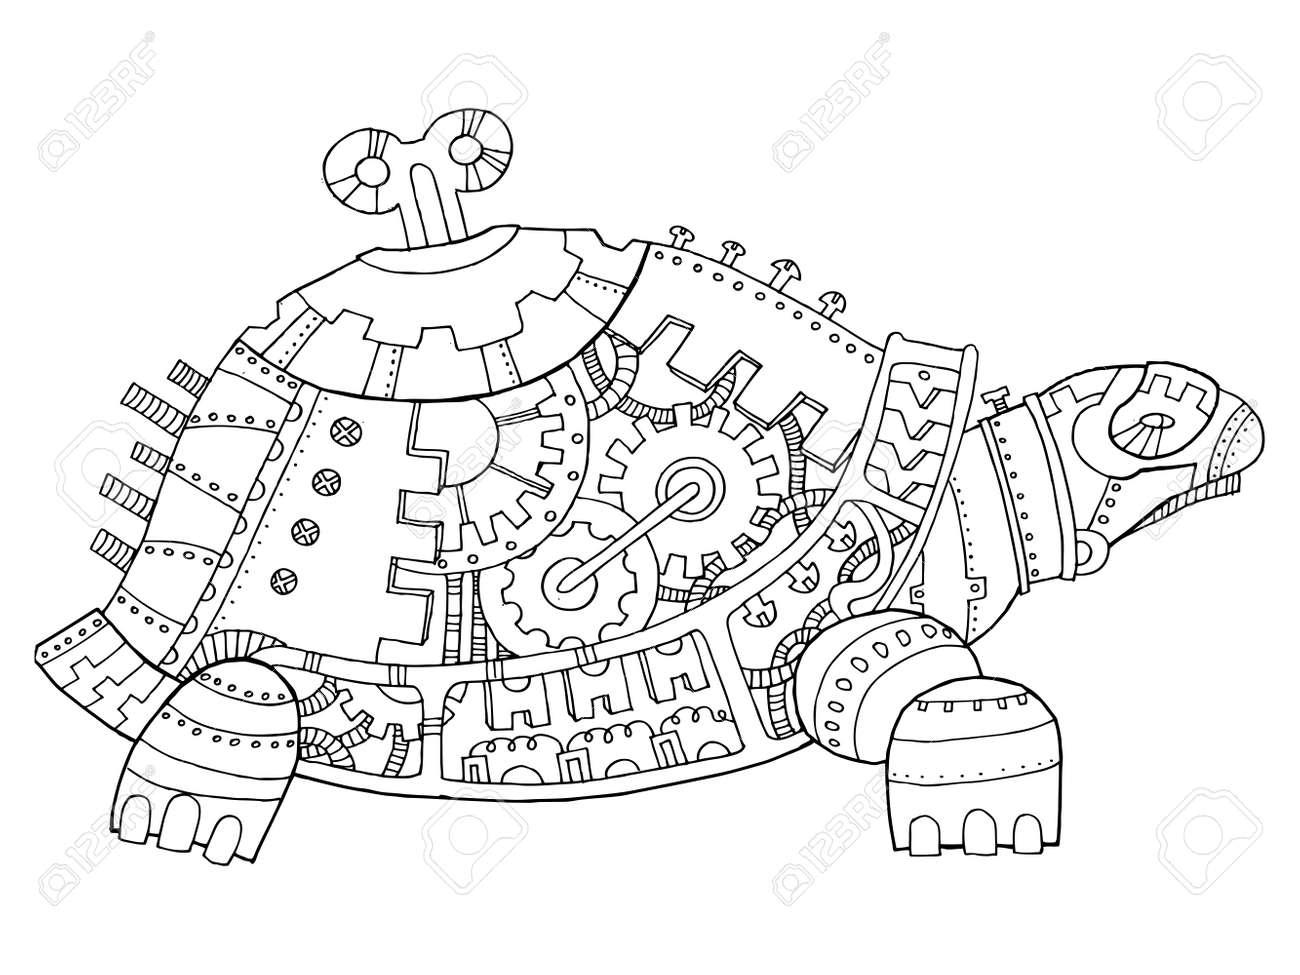 Steampunk-Stil Schildkröte Malbuch Vektor Lizenzfreie Fotos, Bilder ...